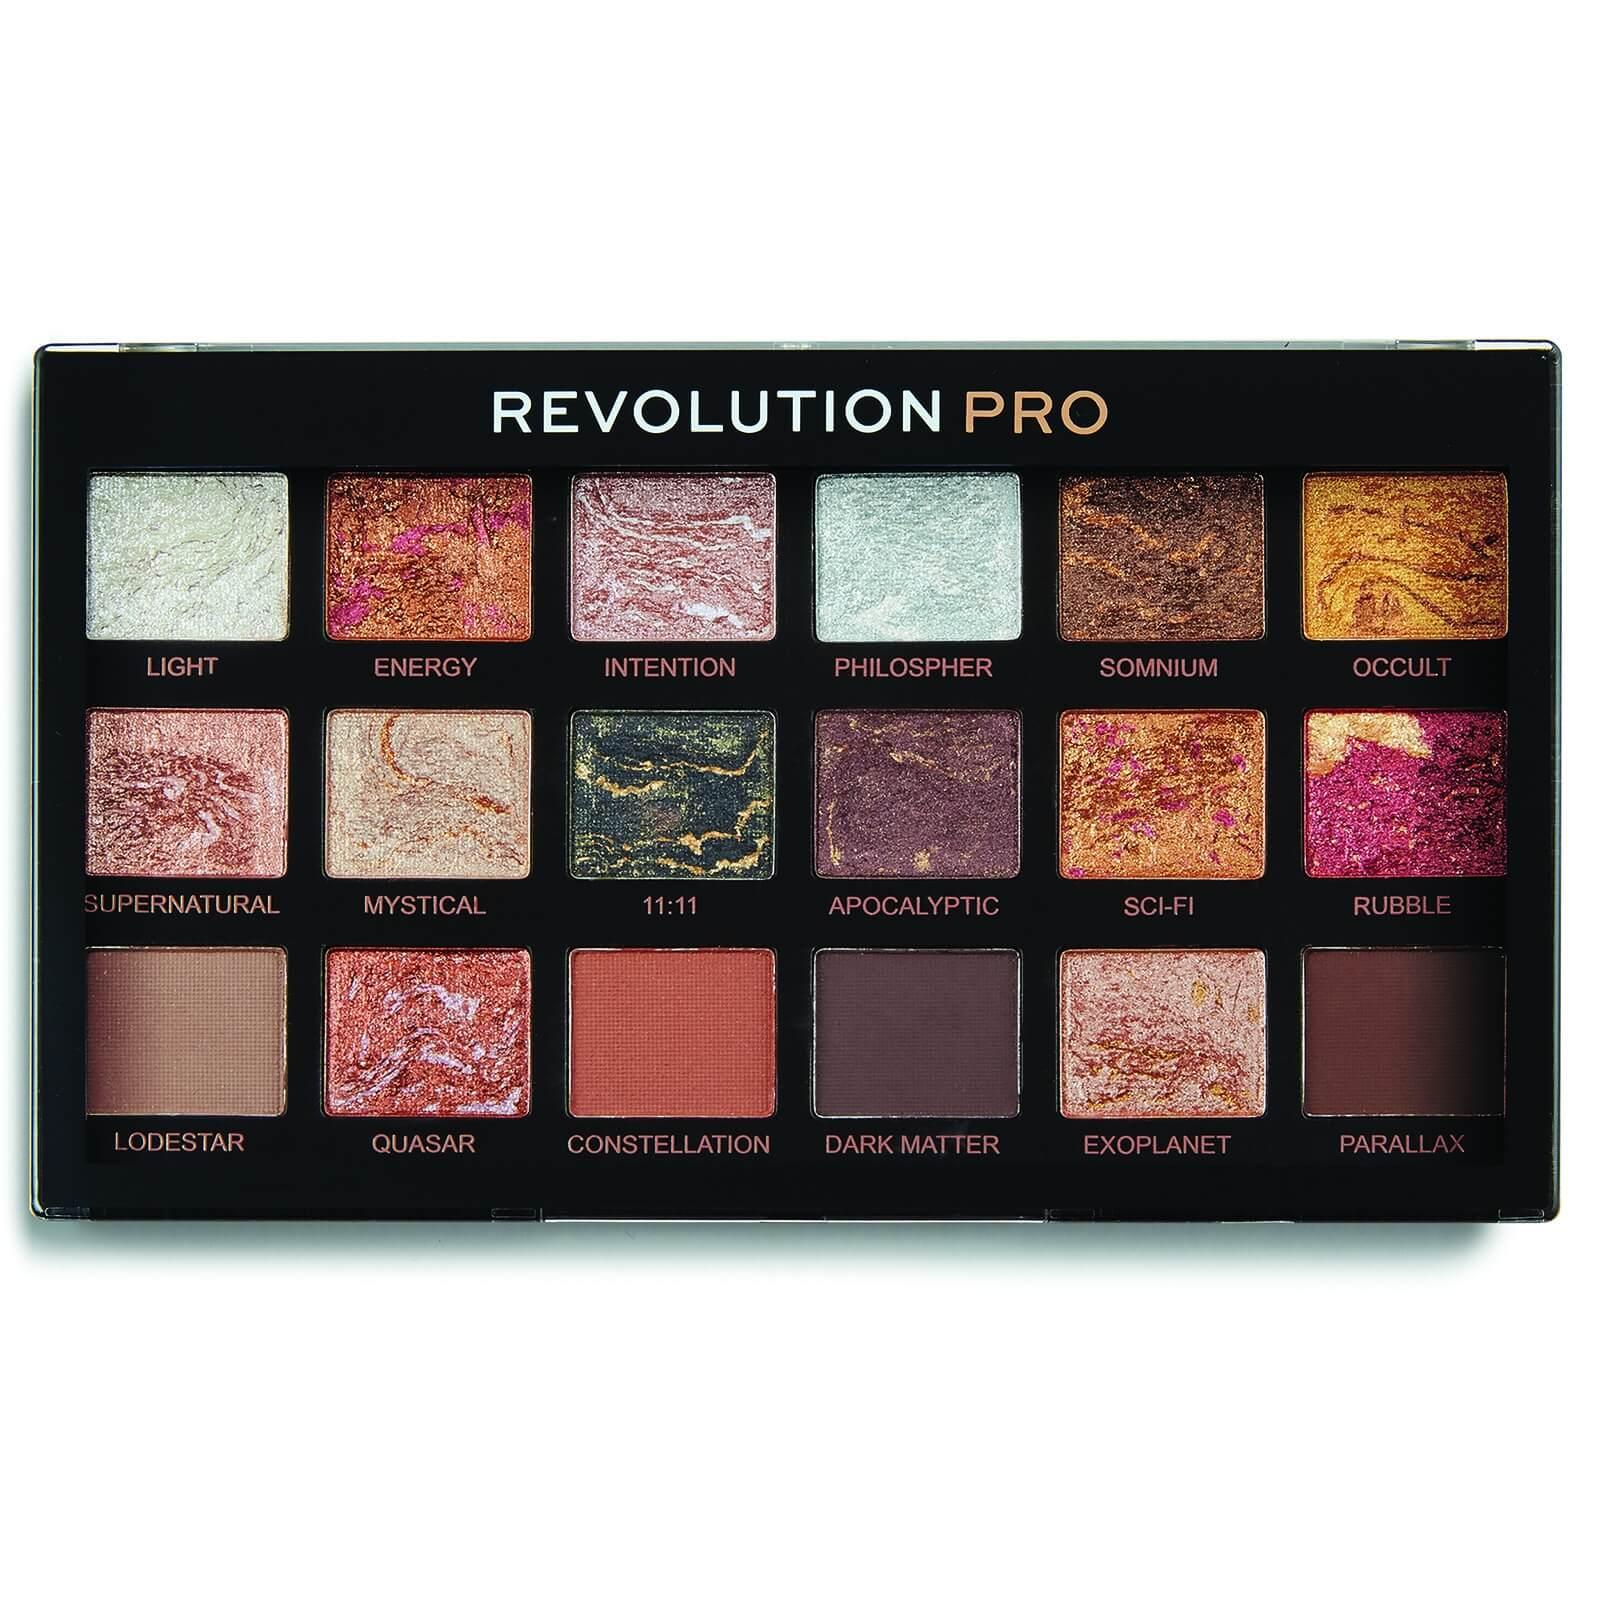 Купить Revolution Pro Regeneration Palette - Astrological 14.4g